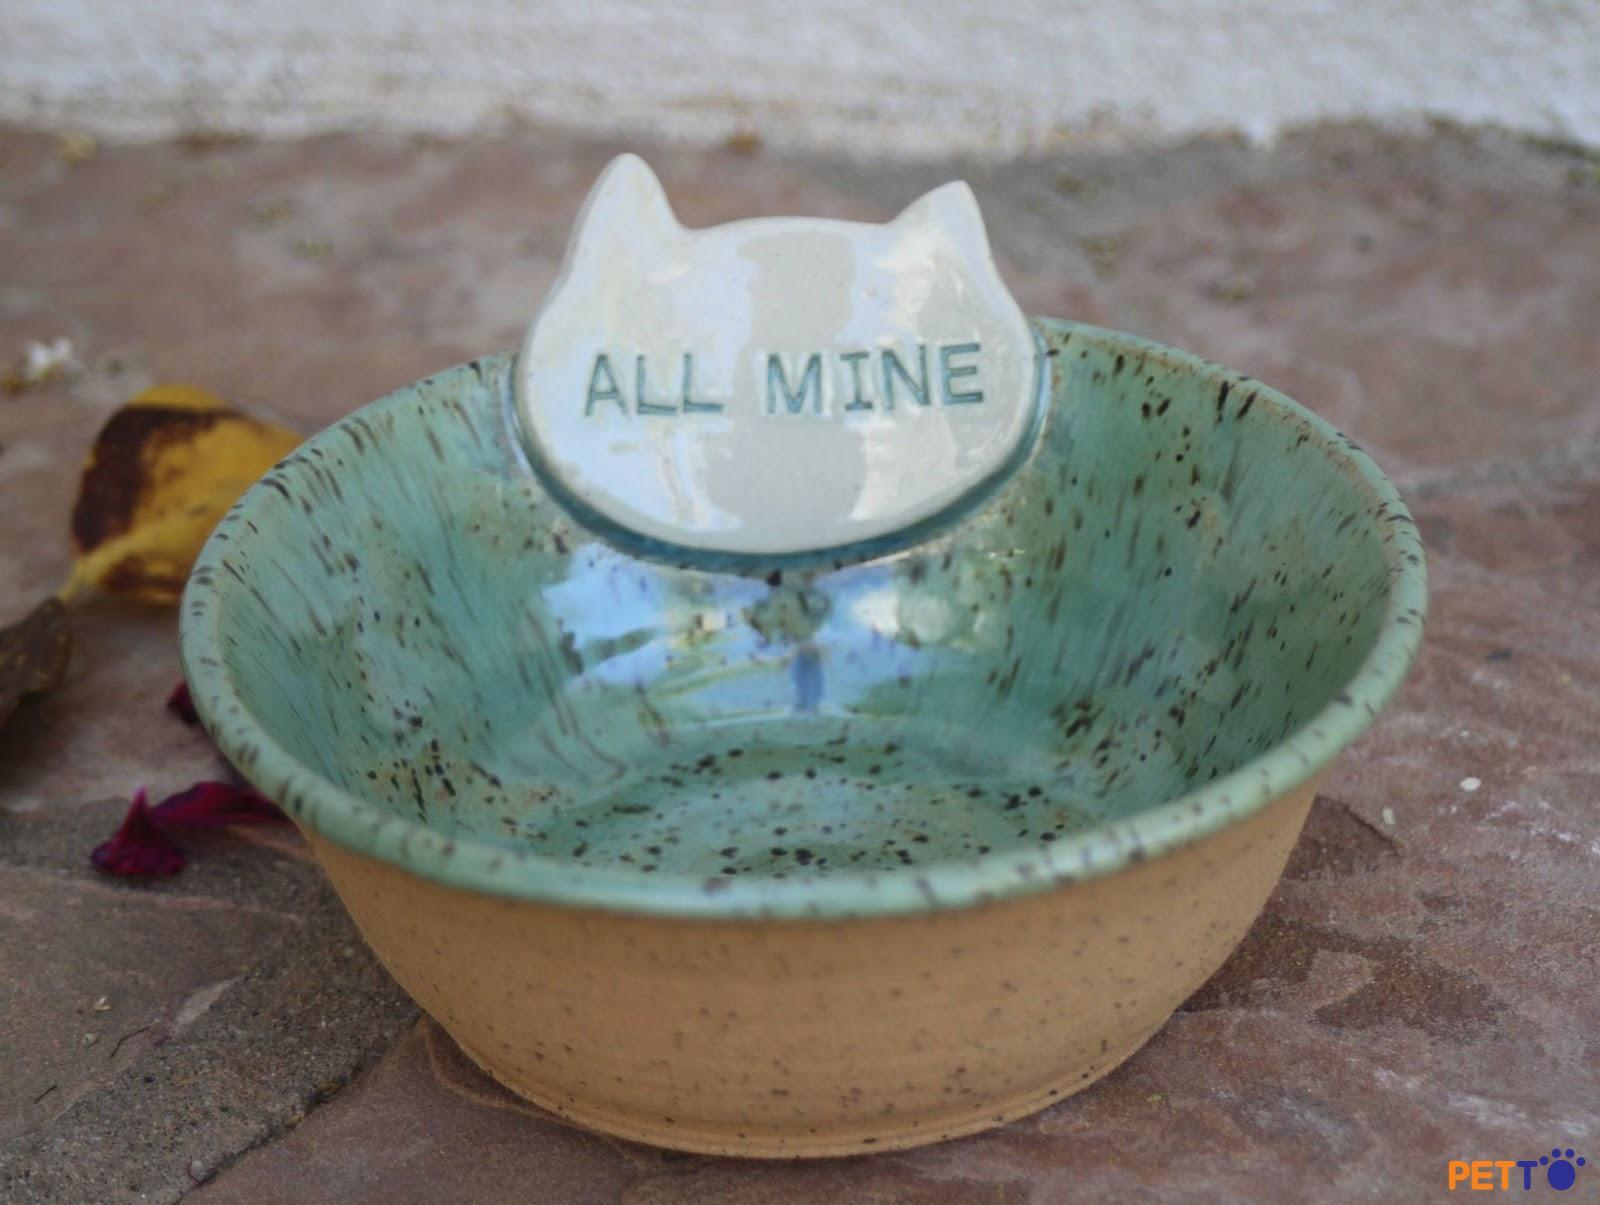 Chọn chén đĩa bằng gốm, thủy tinh hoặc sành sứ